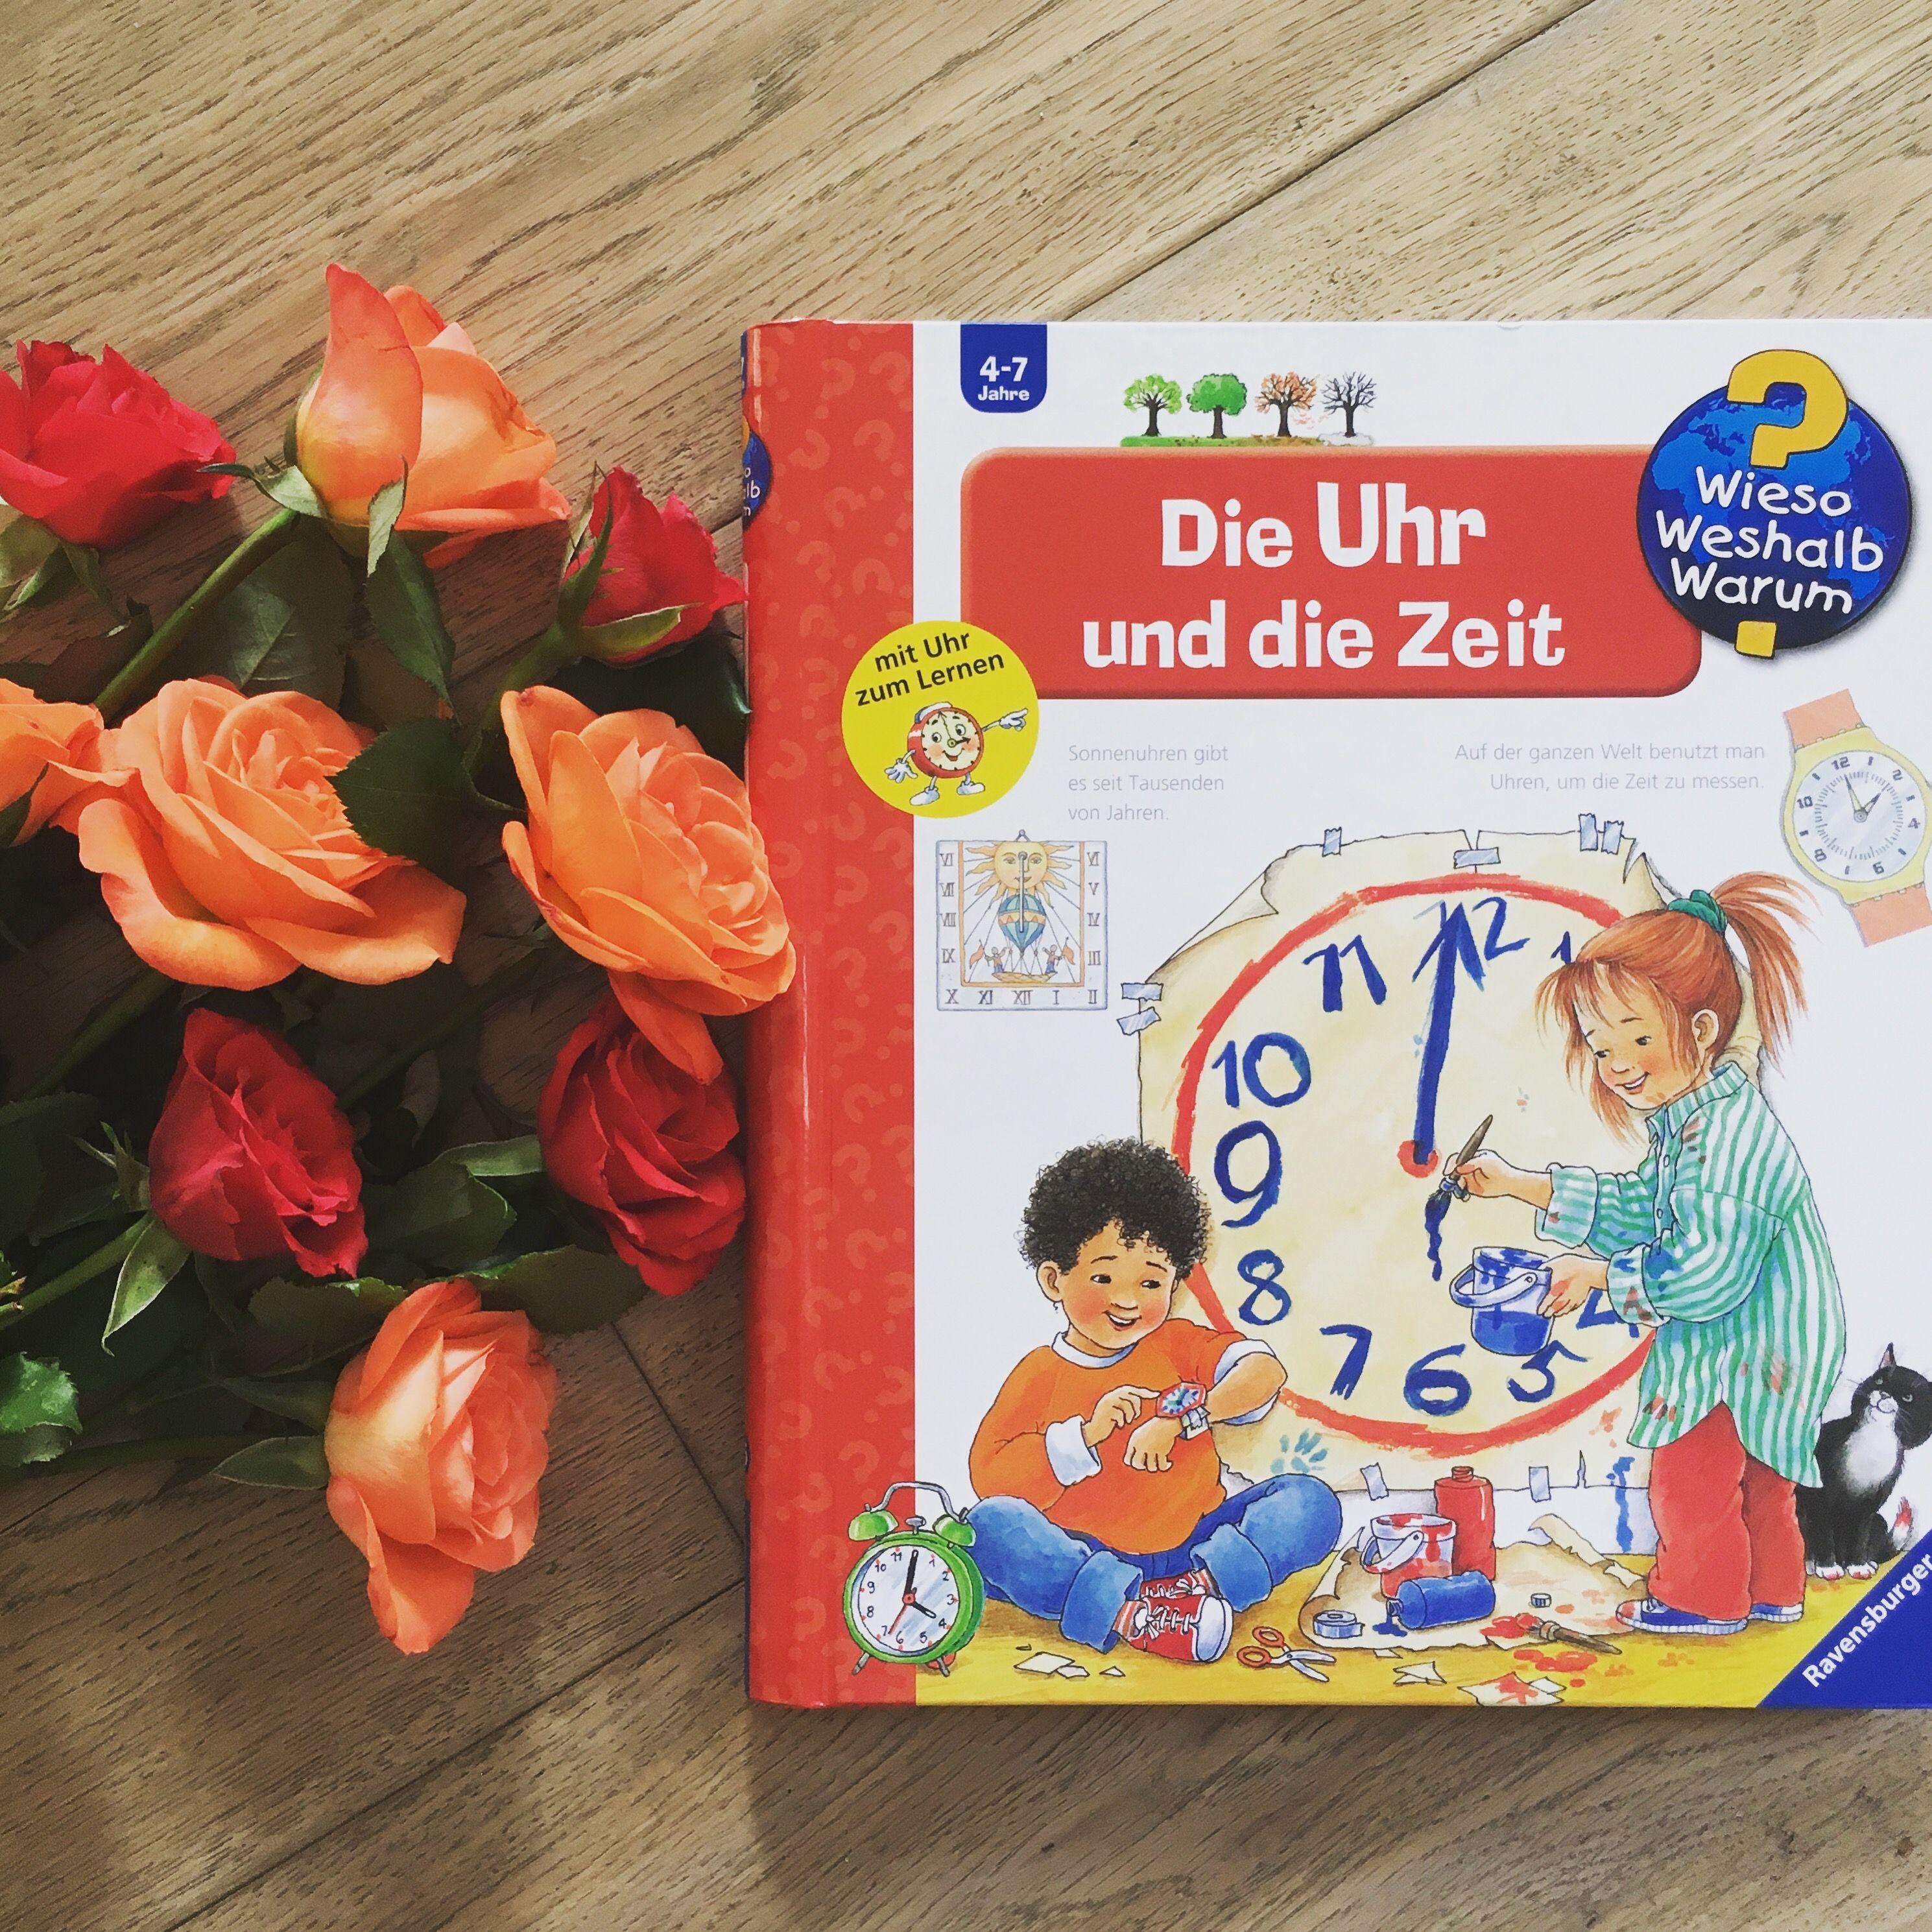 Ravensburger Bucher Wieso Weshalb Warum Www Wir Schutzen Unsere Umwelt Galeria Kaufhof Kinderbucher Nachhaltigkeit Fur Kinder Umwelterziehung